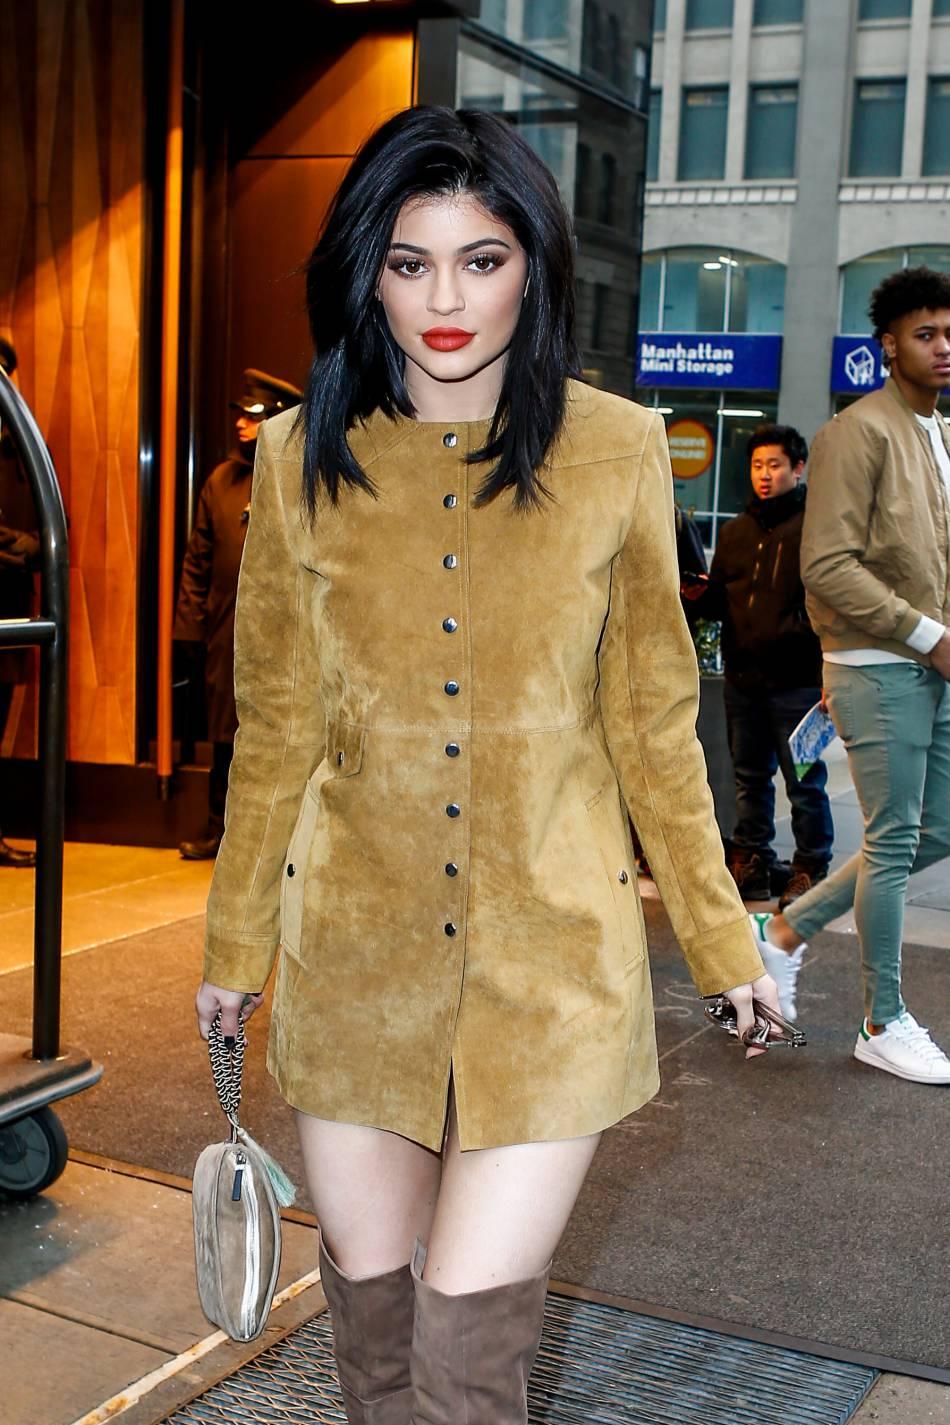 A dix-huit ans seulement, Kylie Jenner ne ressemble plus en rien à la jeune ado qu'elle était.